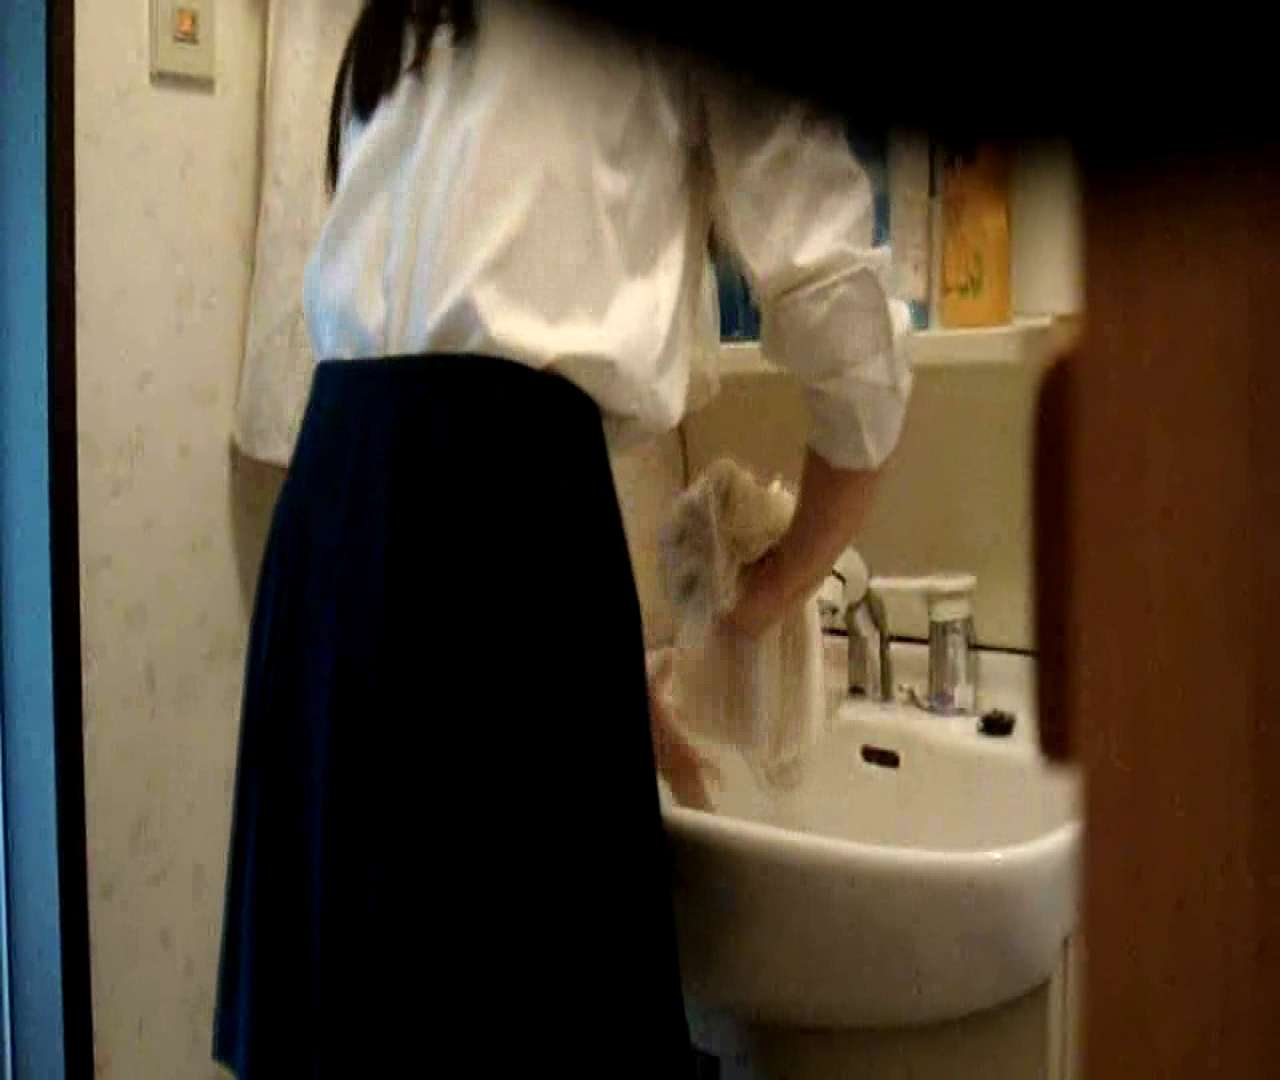 二人とも育てた甲斐がありました… vol.05 まどかが洗顔後にブラを洗濯 盗撮特集   おまんこ  86画像 69